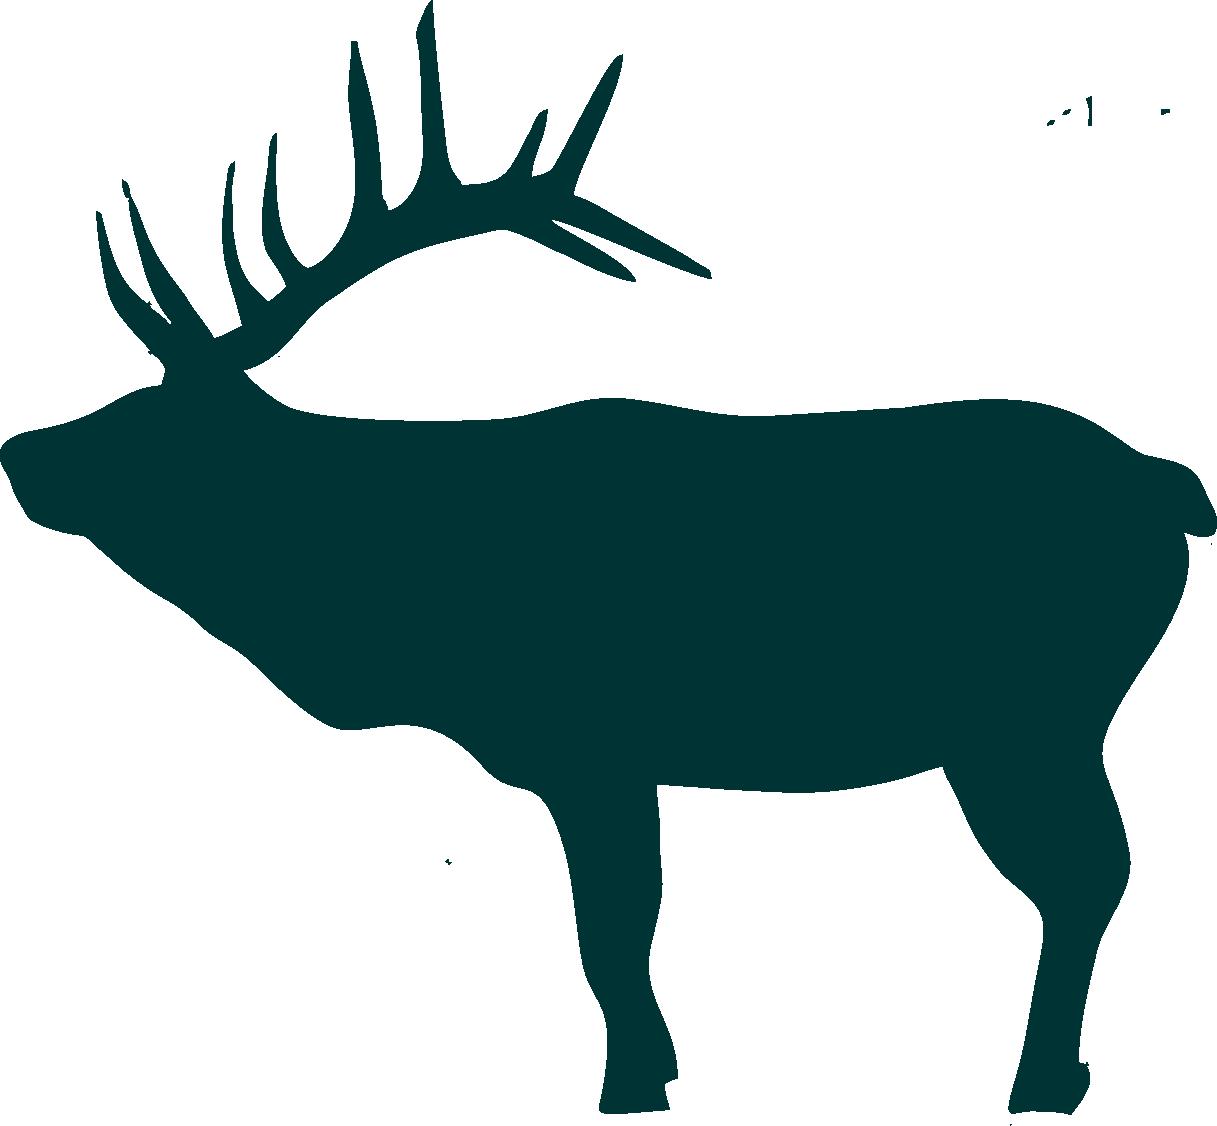 1217x1126 Deer Antlers Silhouette Png